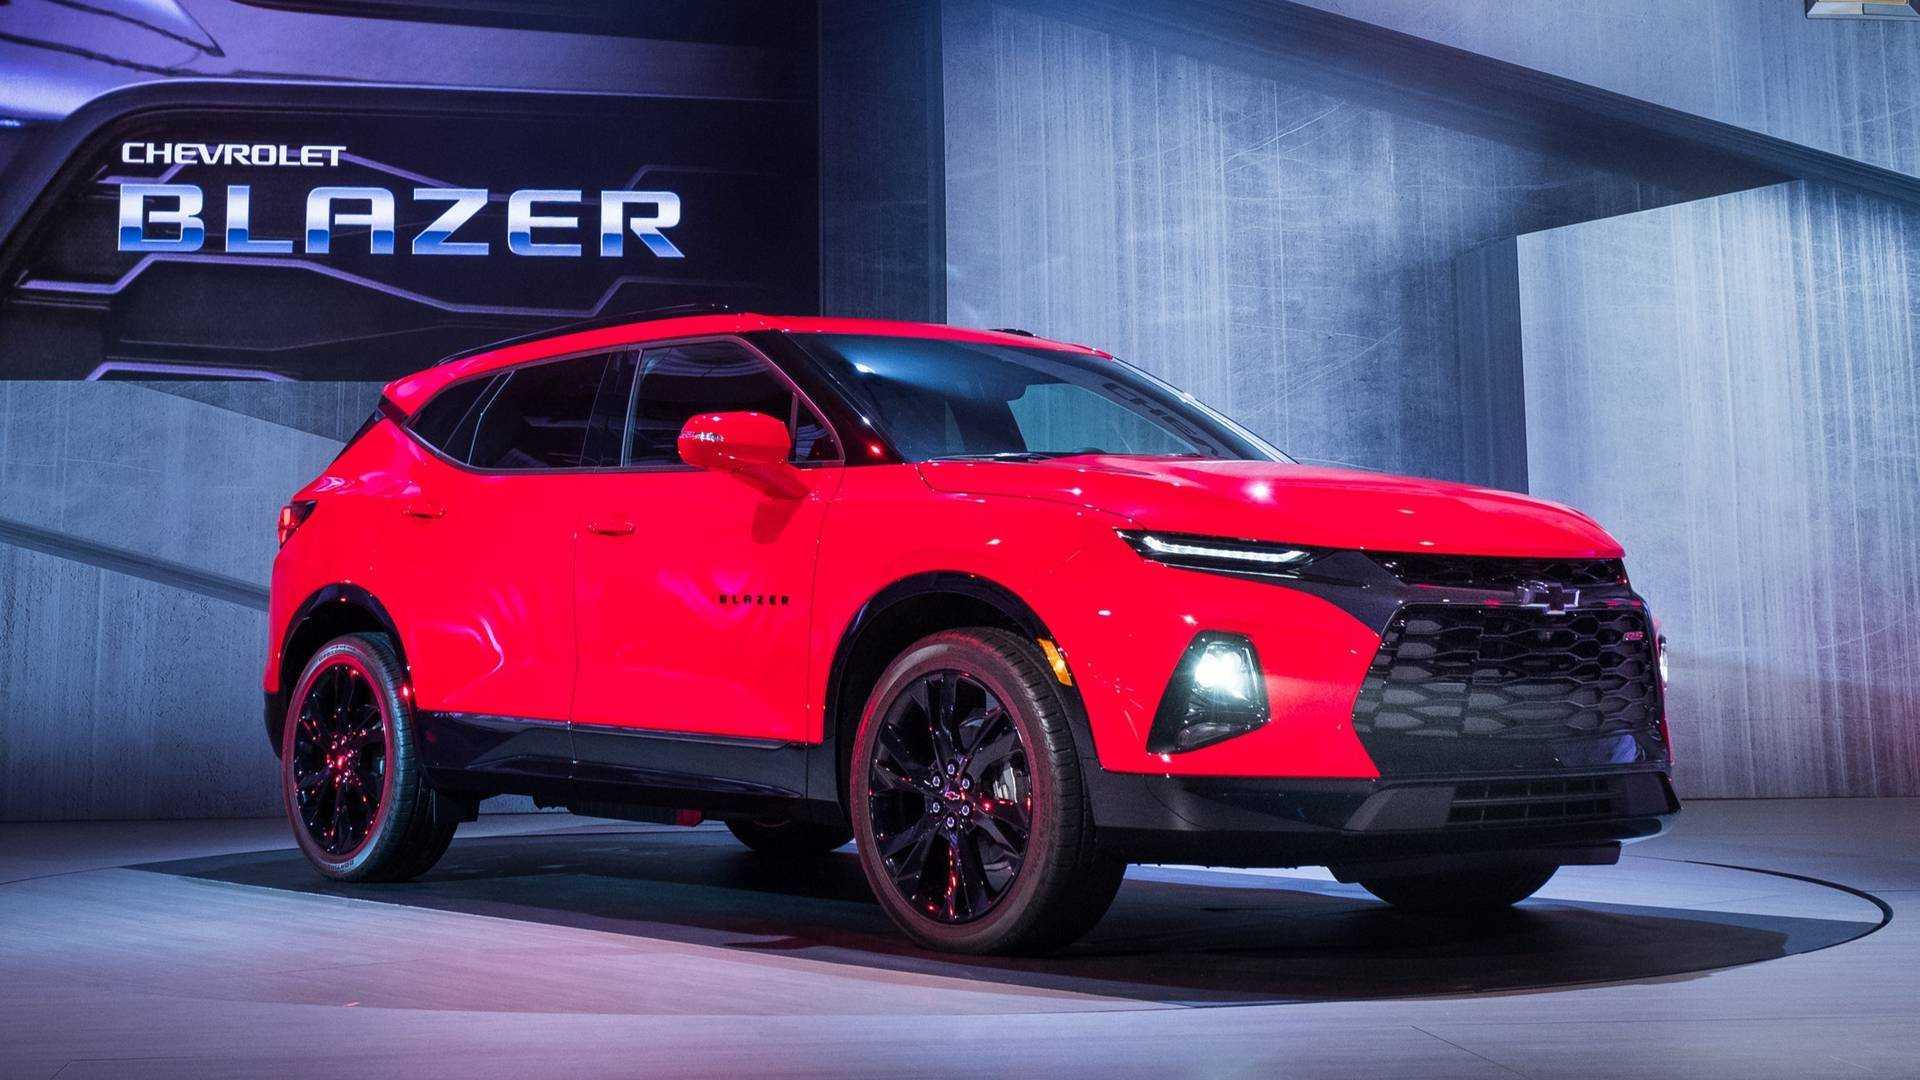 Chevy Blazer 2015 >> 2019 Chevy Blazer Revealed As A Sporty Crossover